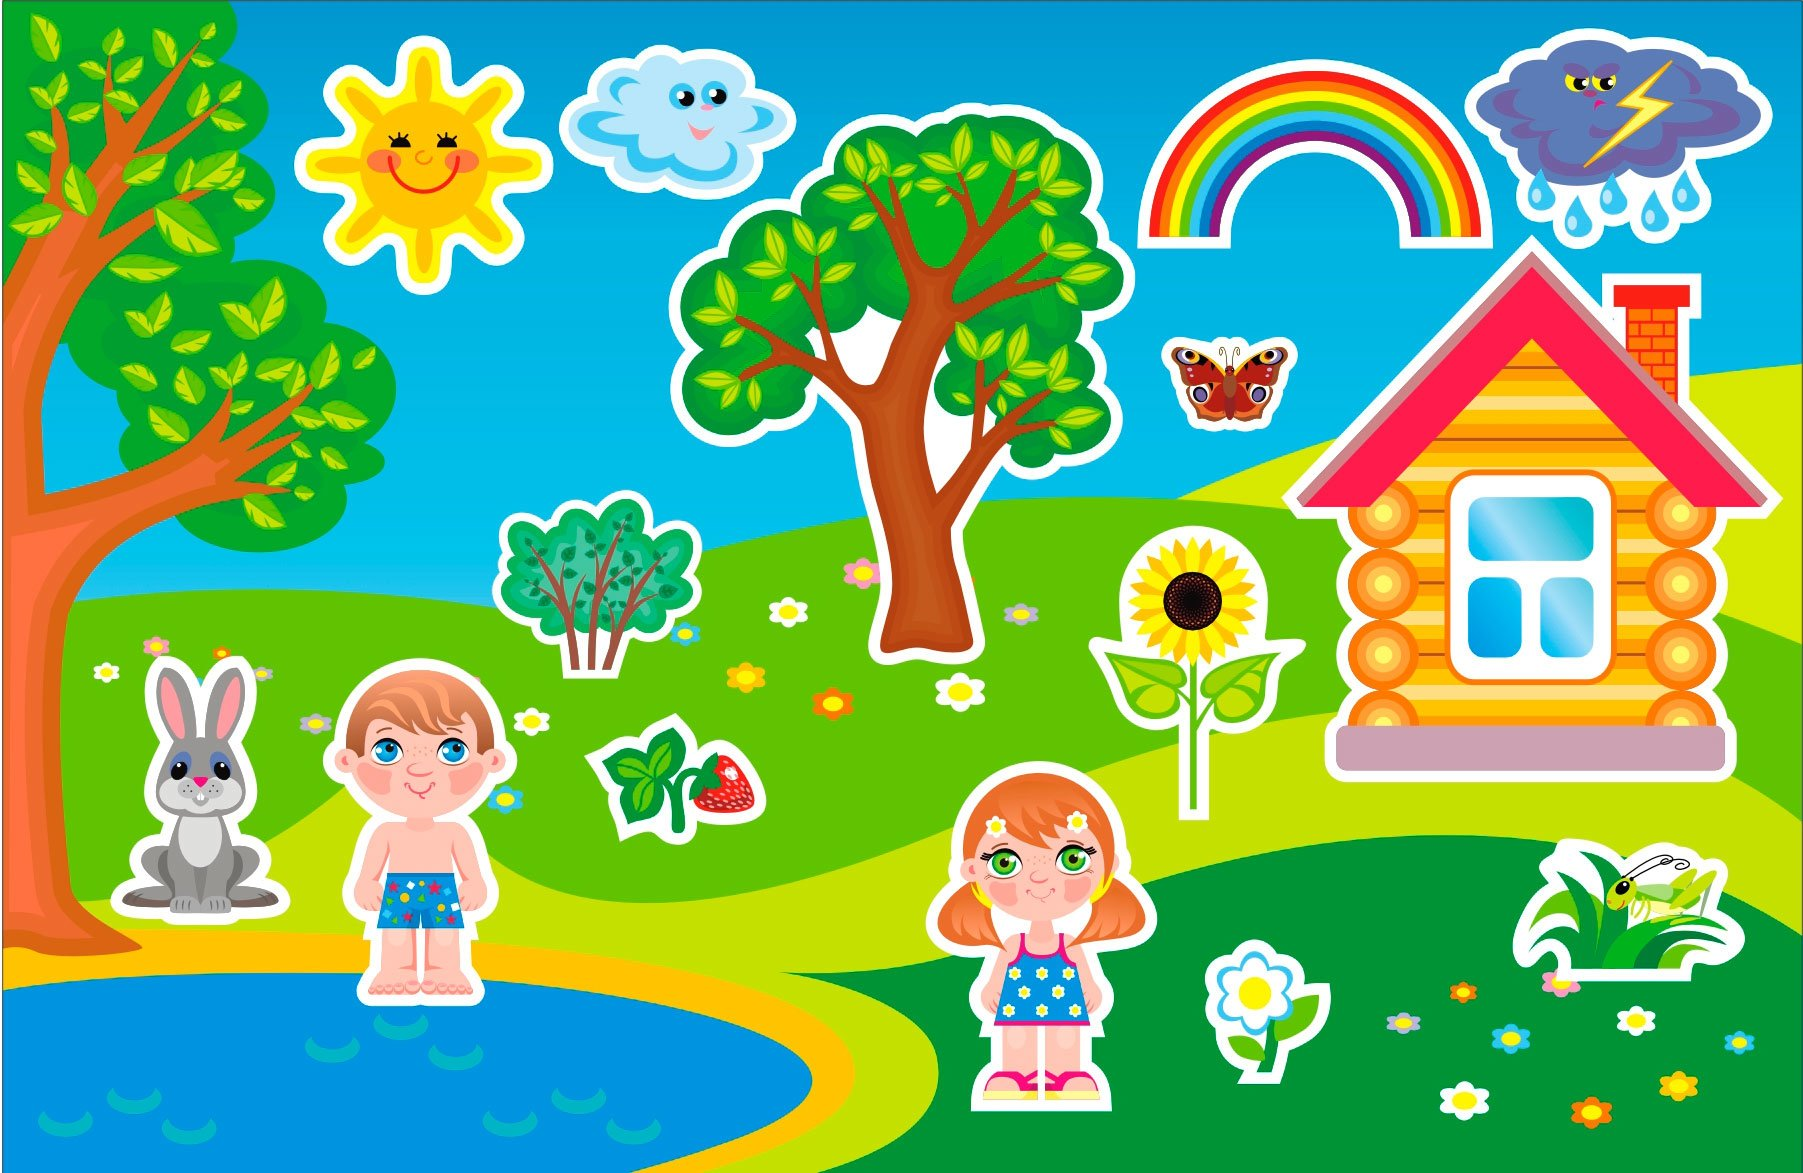 Поздравления в стихах для детей детского сада